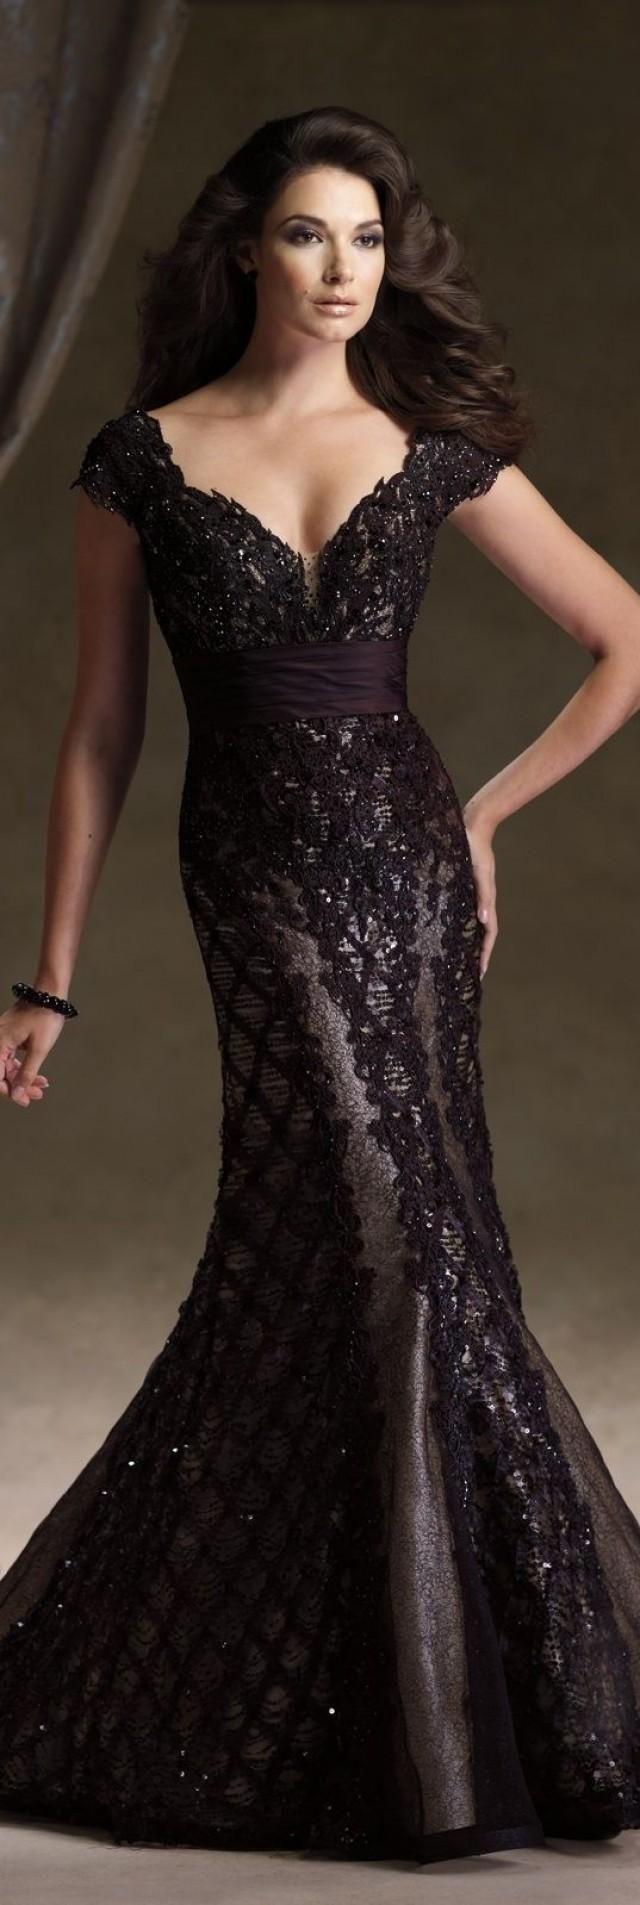 704 besten Dresses Bilder auf Pinterest | Schöne kleider, Alexander ...